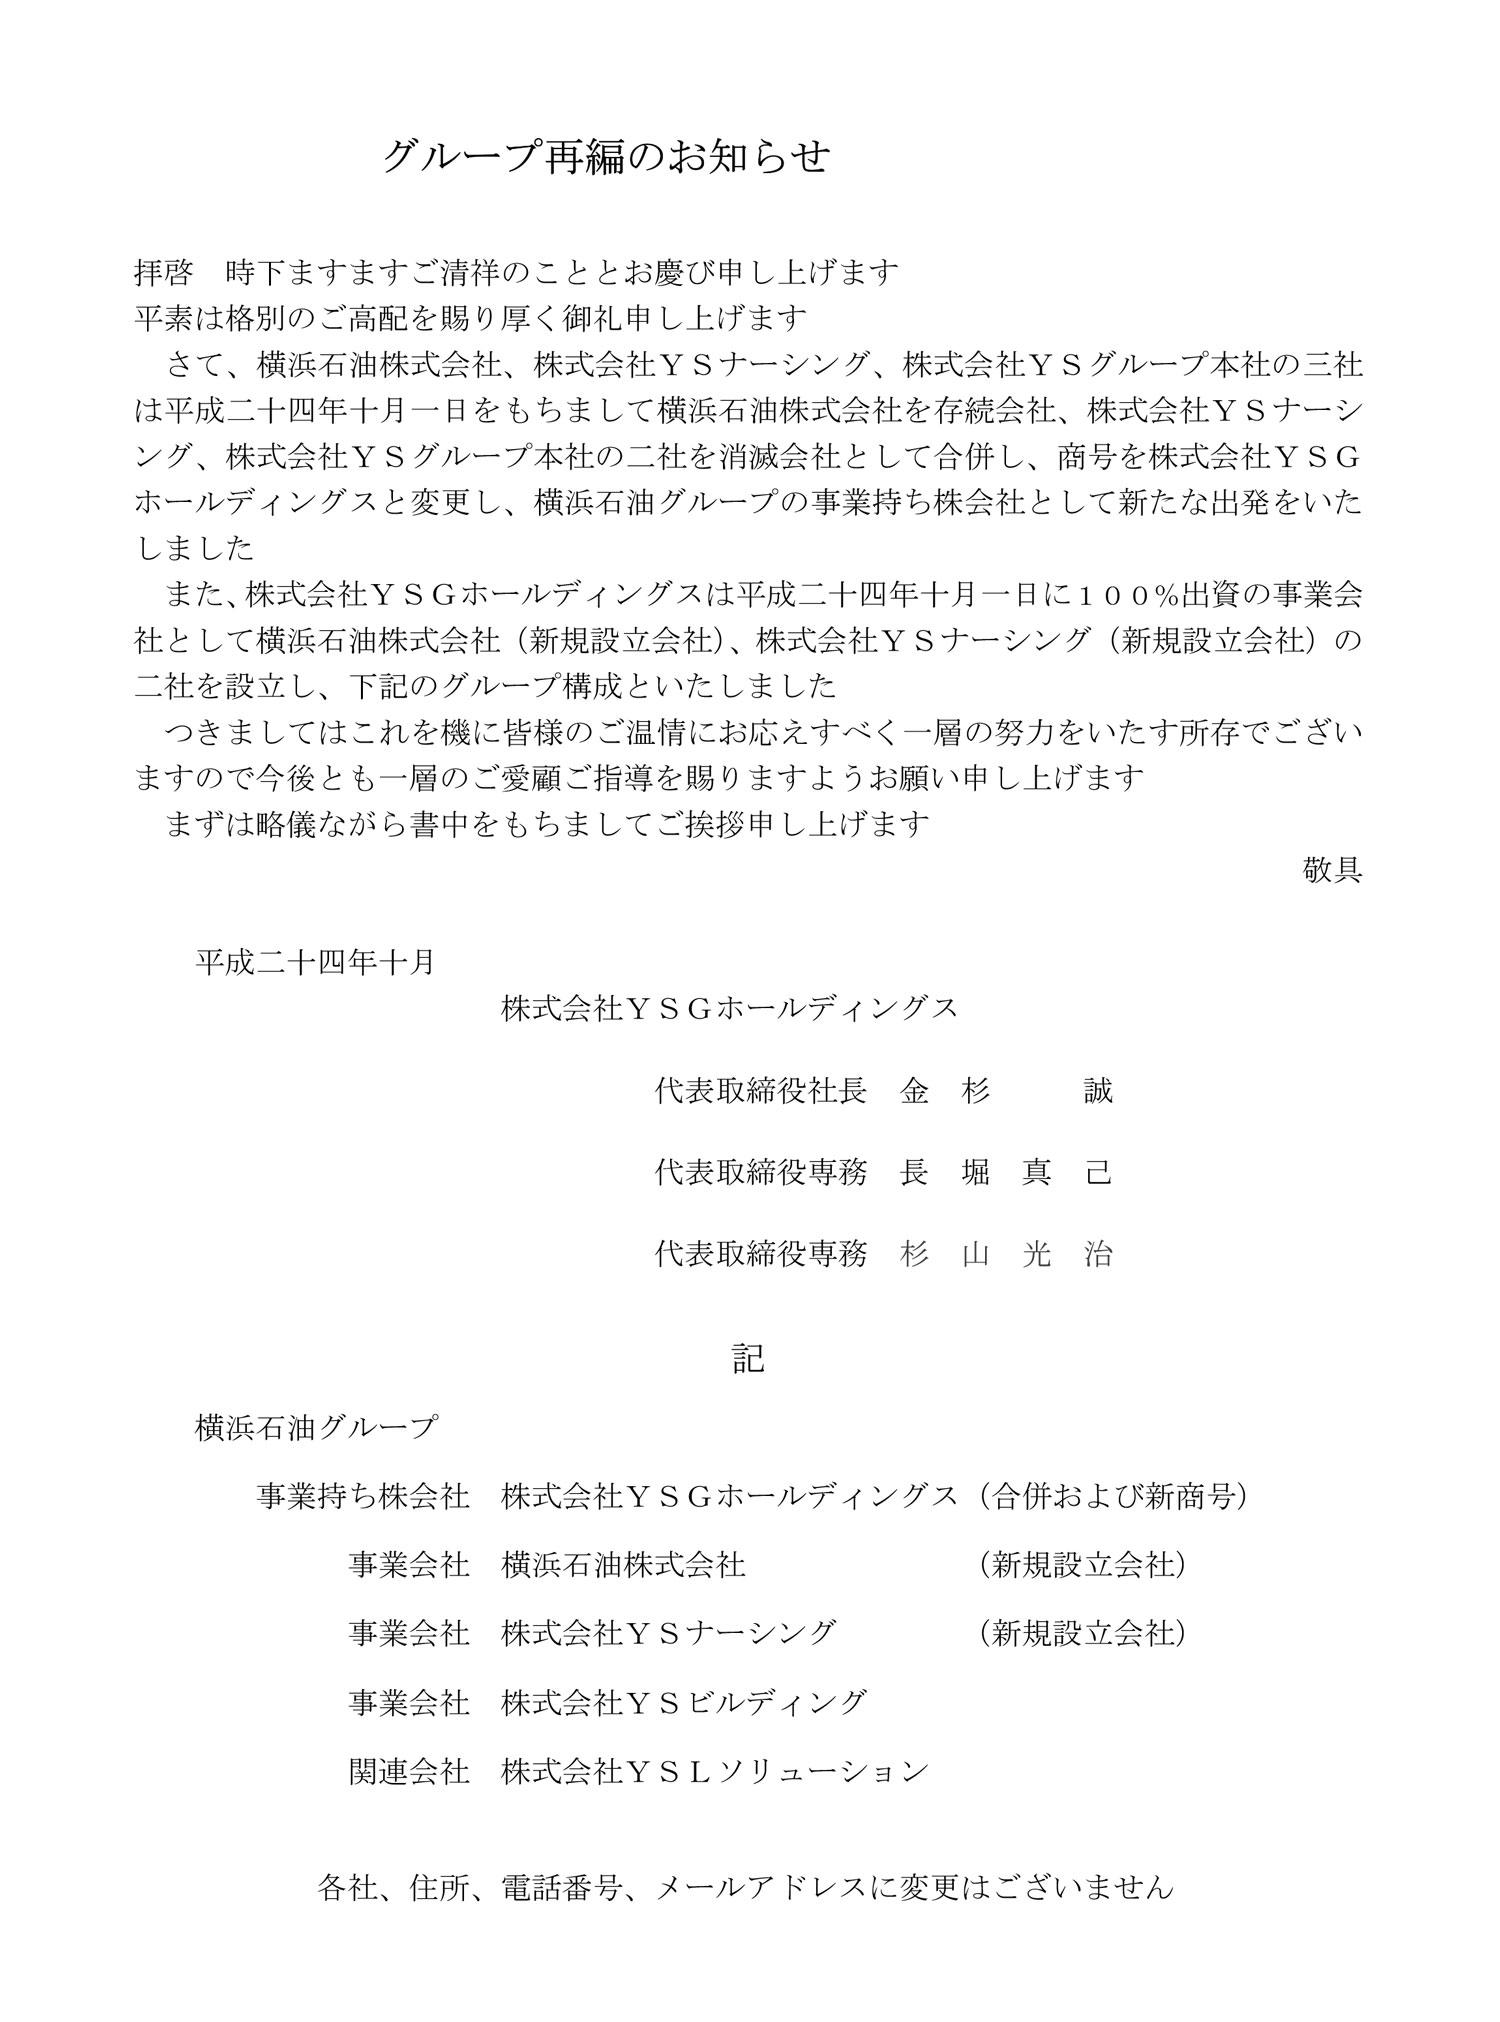 横浜石油グループ再編のお知らせ